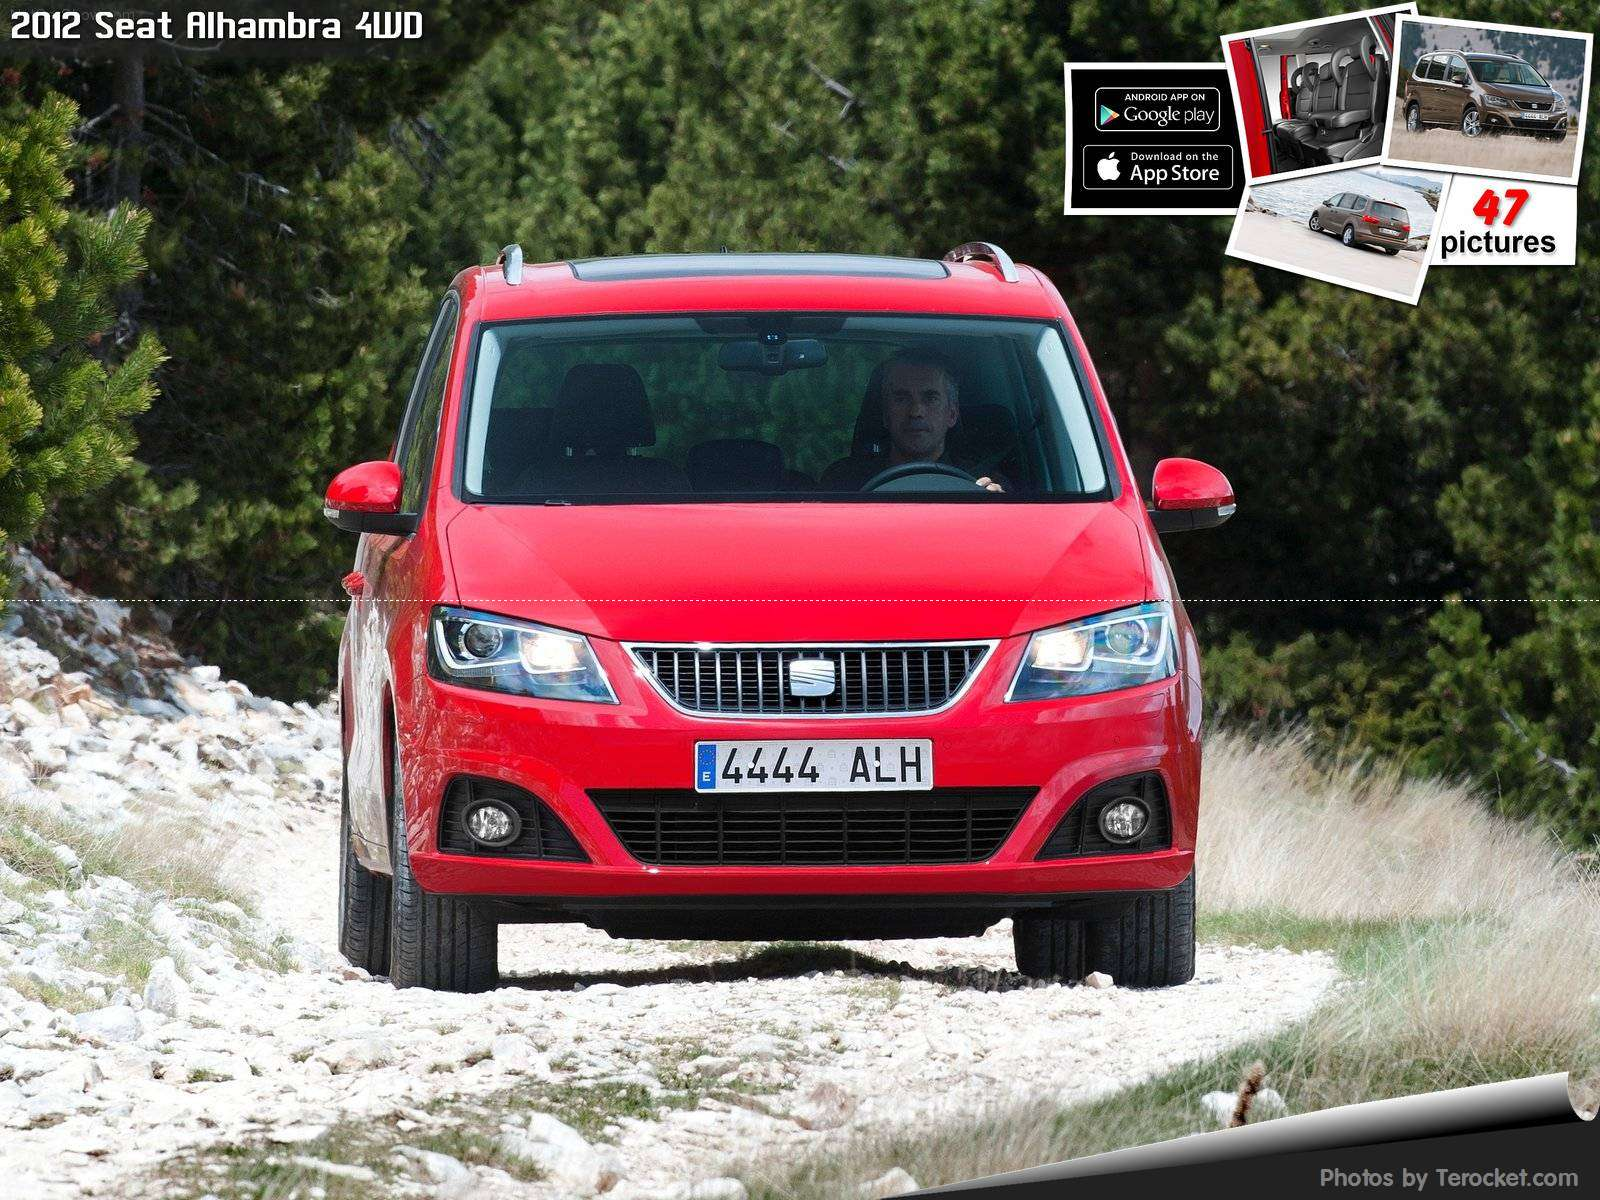 Hình ảnh xe ô tô Seat Alhambra 4WD 2012 & nội ngoại thất